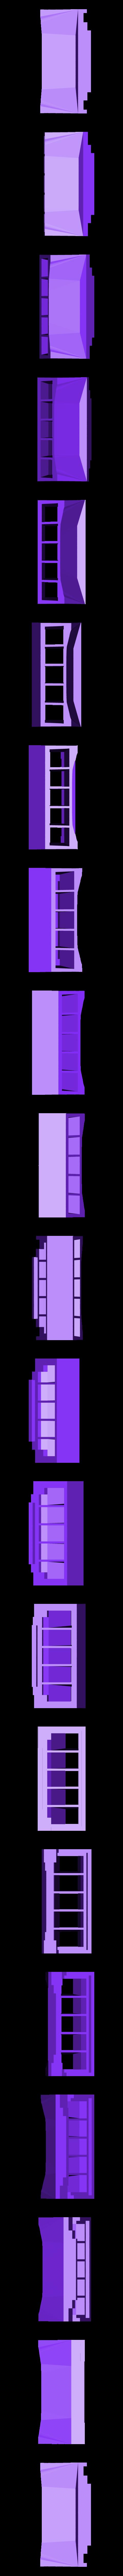 Nozzle_A_DualHead_2.stl Télécharger fichier STL gratuit Zmorph 2.0 (S) Système de refroidissement • Modèle pour impression 3D, kpawel